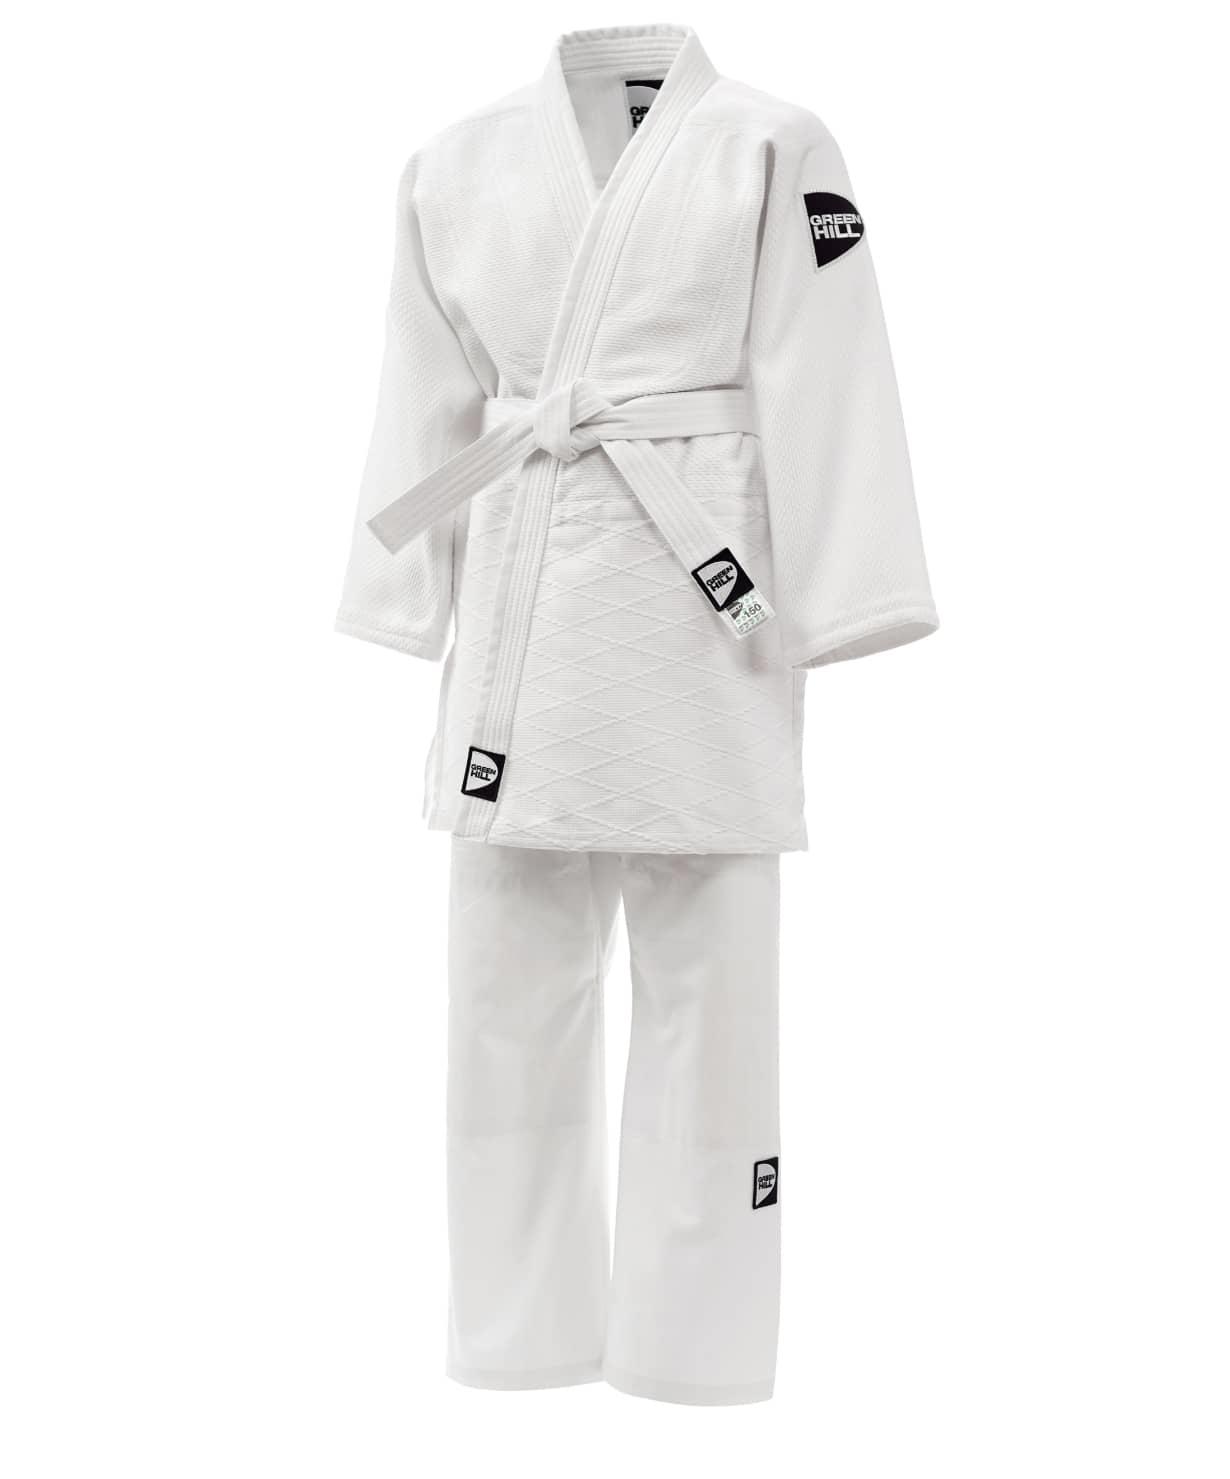 Кимоно для дзюдо JSTT-10761, белый, р.3/160